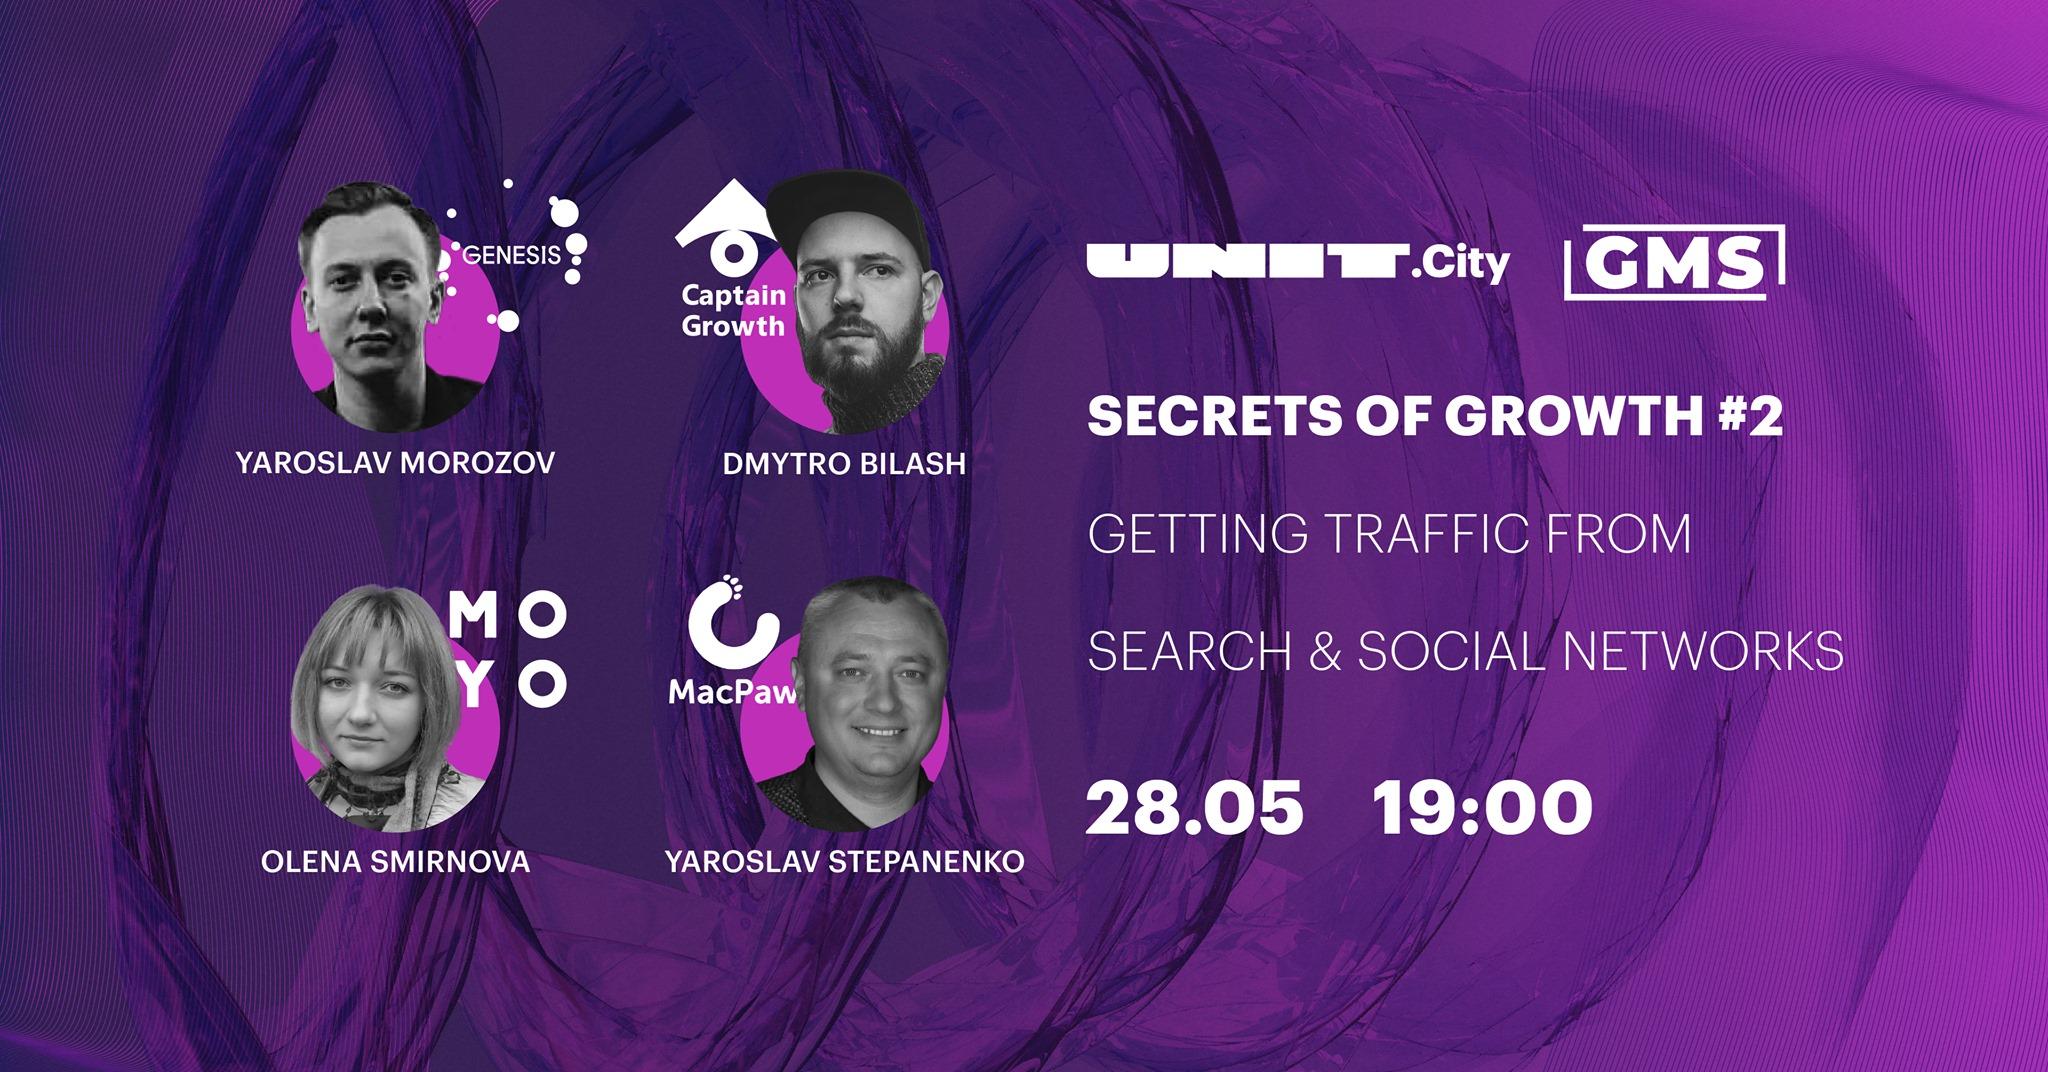 Секреты роста: как получать траффик с поисковых систем и соцсетей